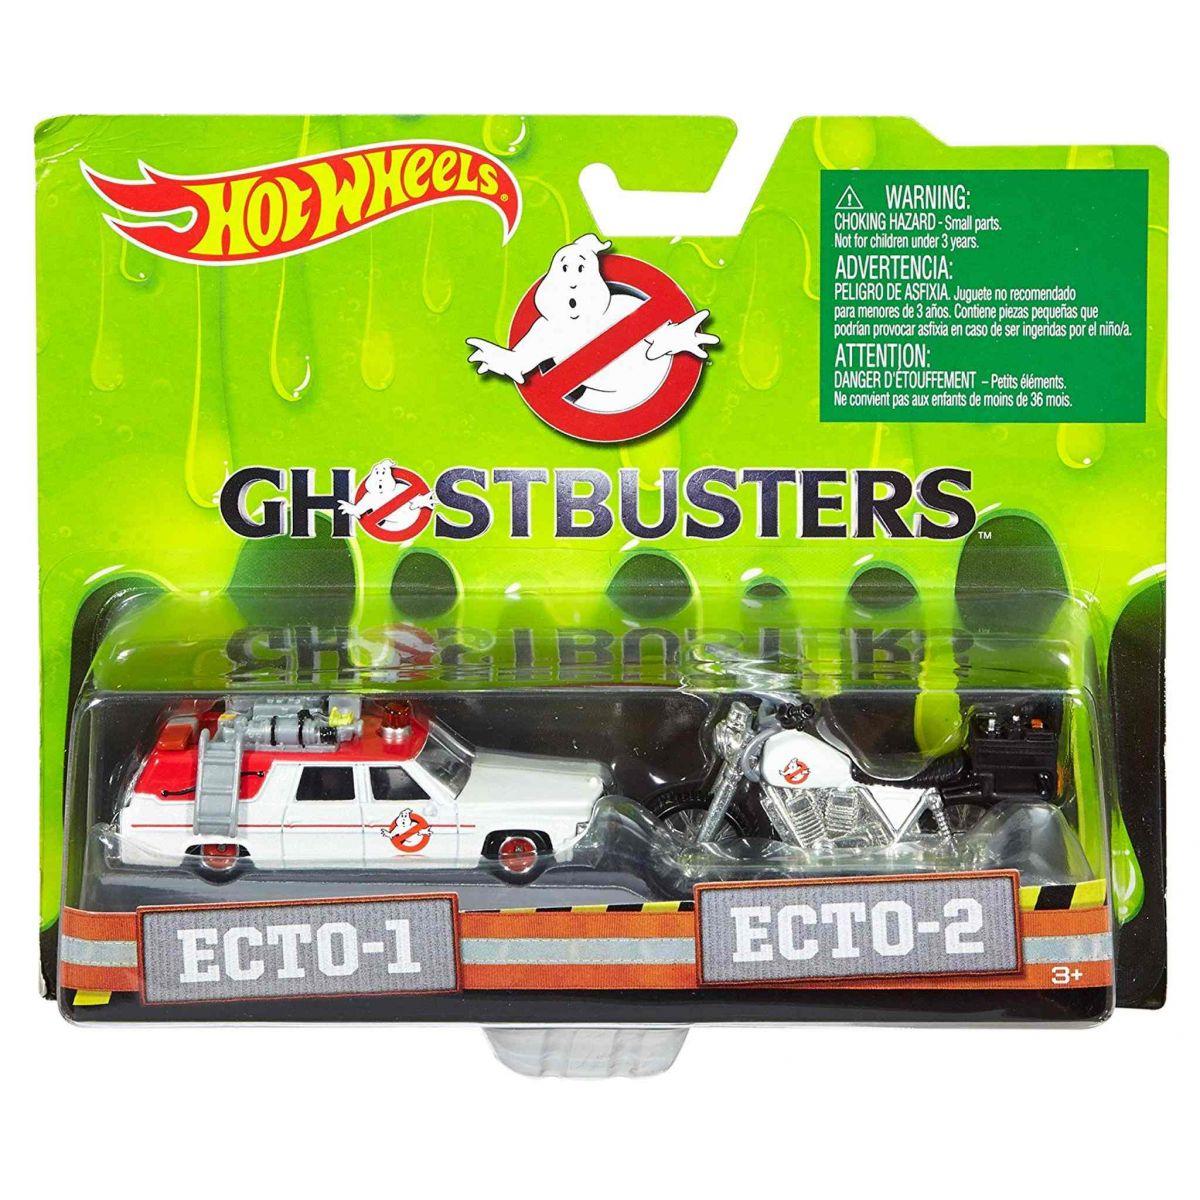 Ghostbusters (Caça-Fantasmas) Ecto-1 e Ecto-2 - Mattel